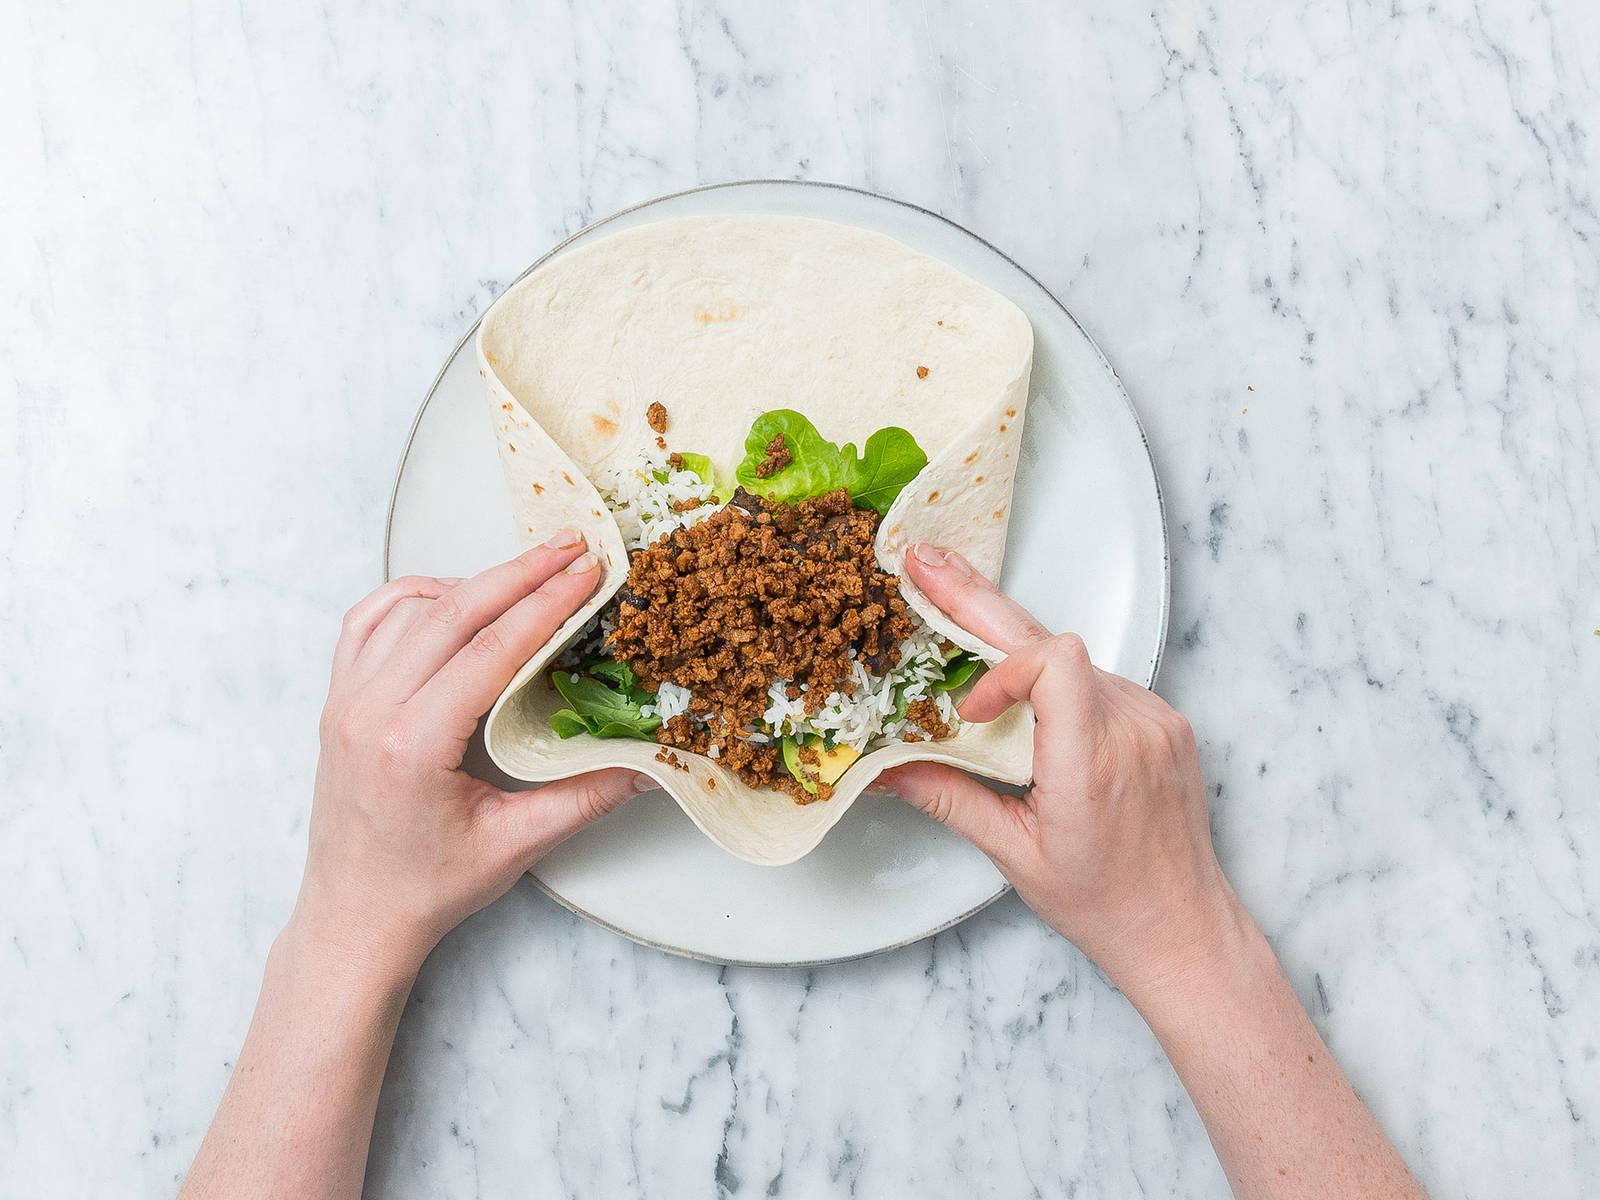 牛油果去核切片。在每片全麦玉米饼上放上生菜、牛油果片、香菜、青柠米饭、黑豆混合物和炒肉末。卷好,佐红萨尔萨酱享用。祝好胃口!